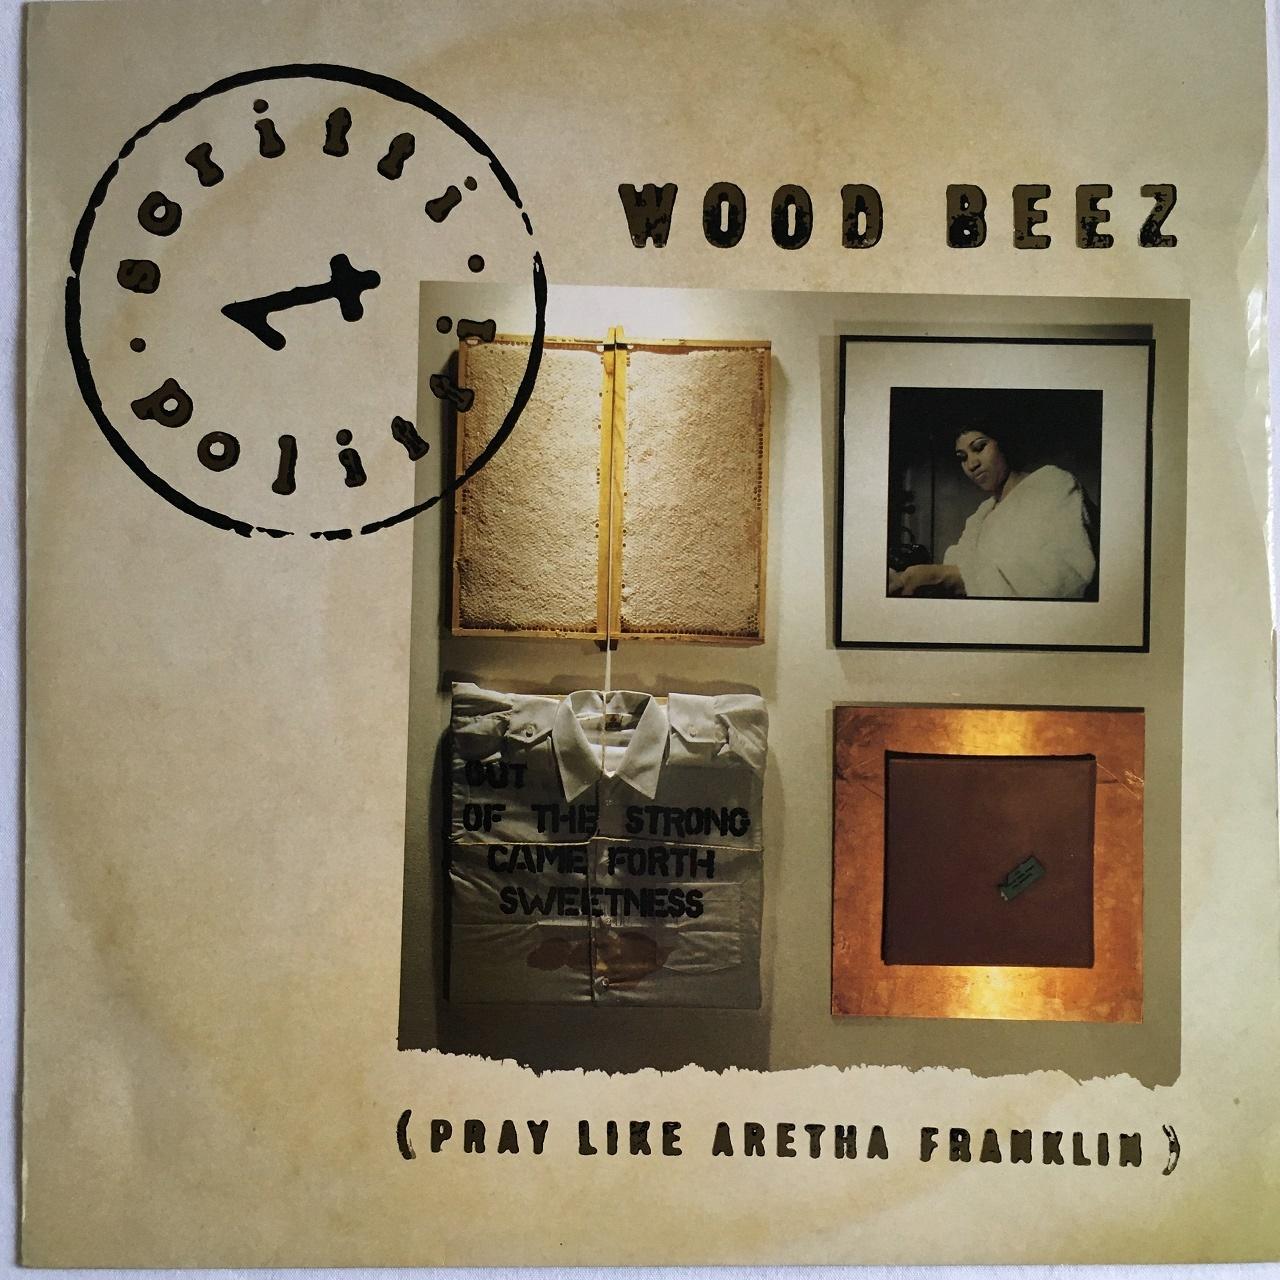 【12inch・英盤】Scritti Politti  /  Wood Beez (Pray Like Aretha Franklin)